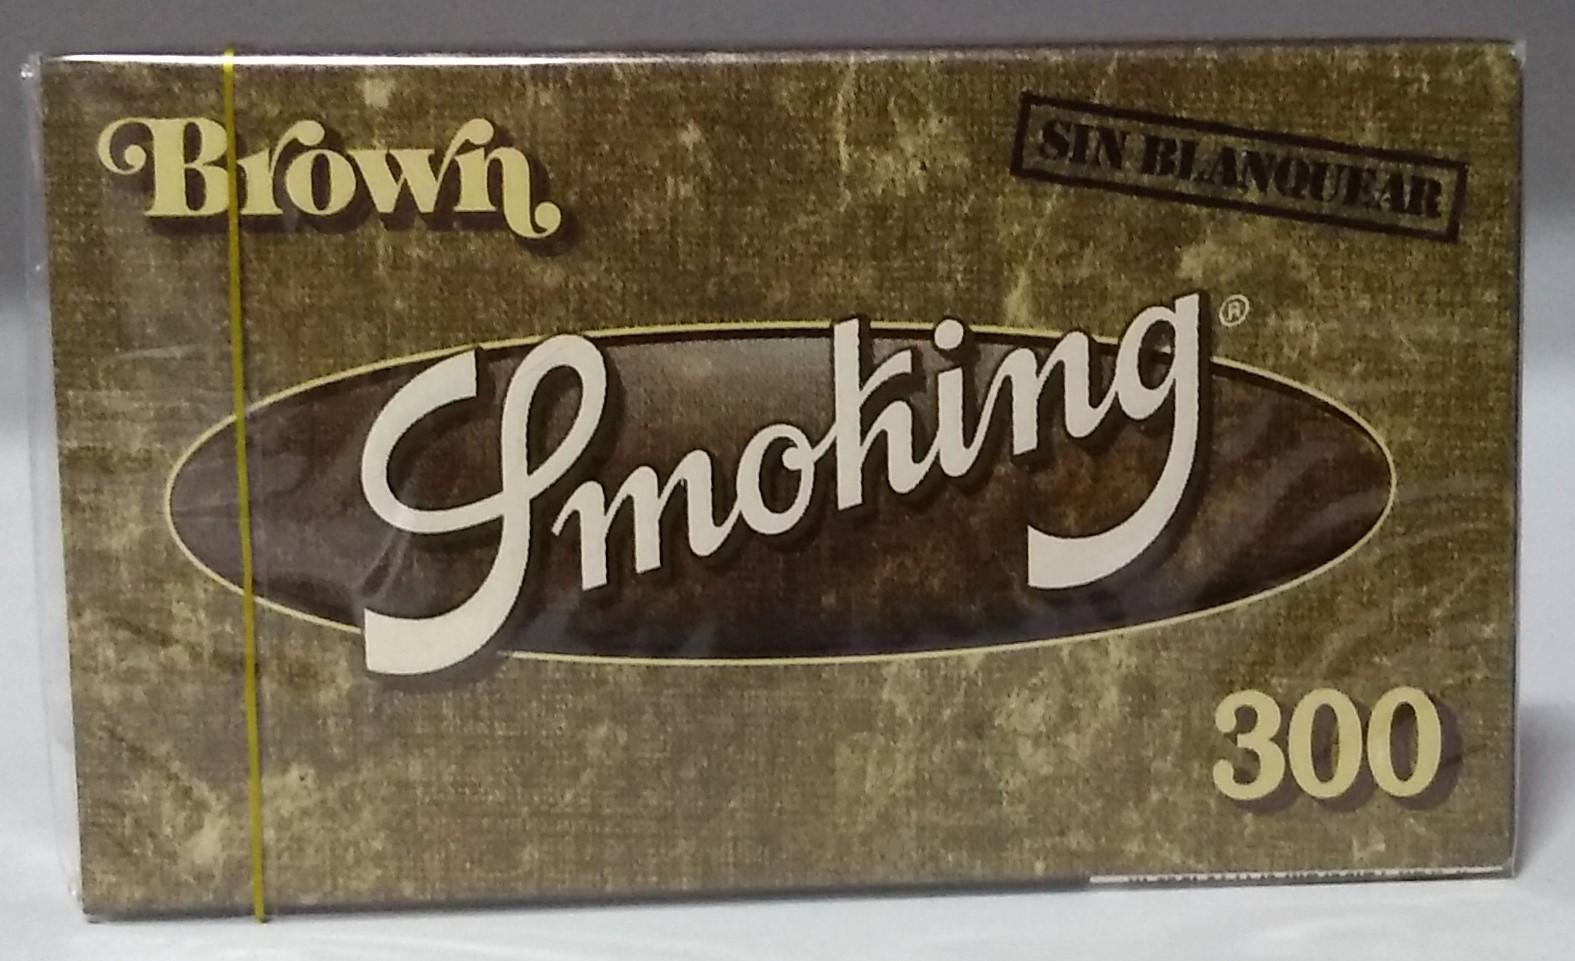 Papel Smoking Brown Bloc 300 1.1/4